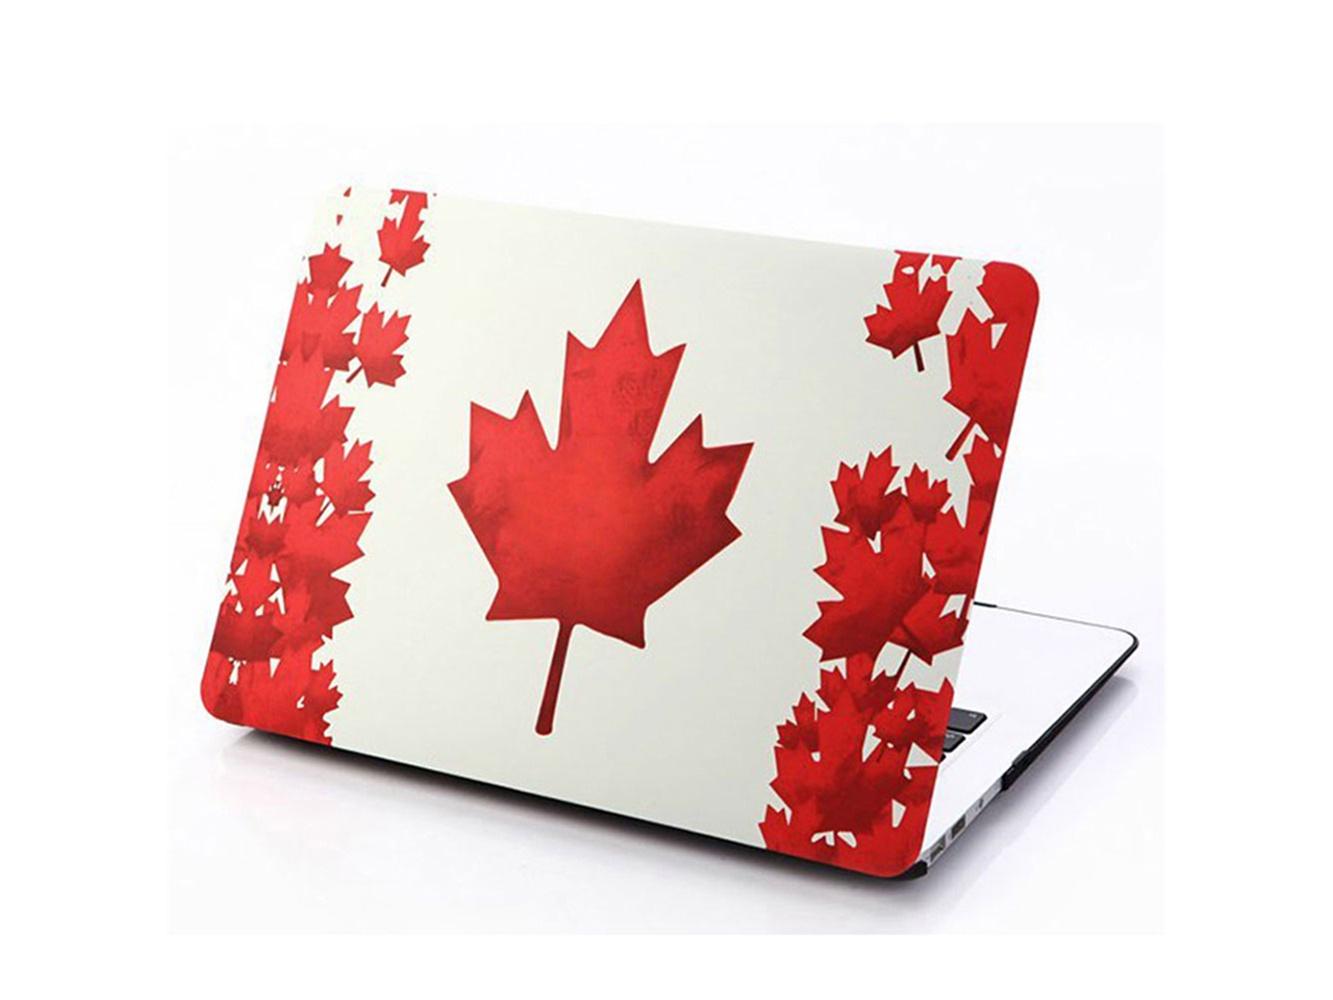 Чехол для ноутбука Мобильная мода Apple Macbook 15 Pro Защитный чехол-накладка 8104 цена